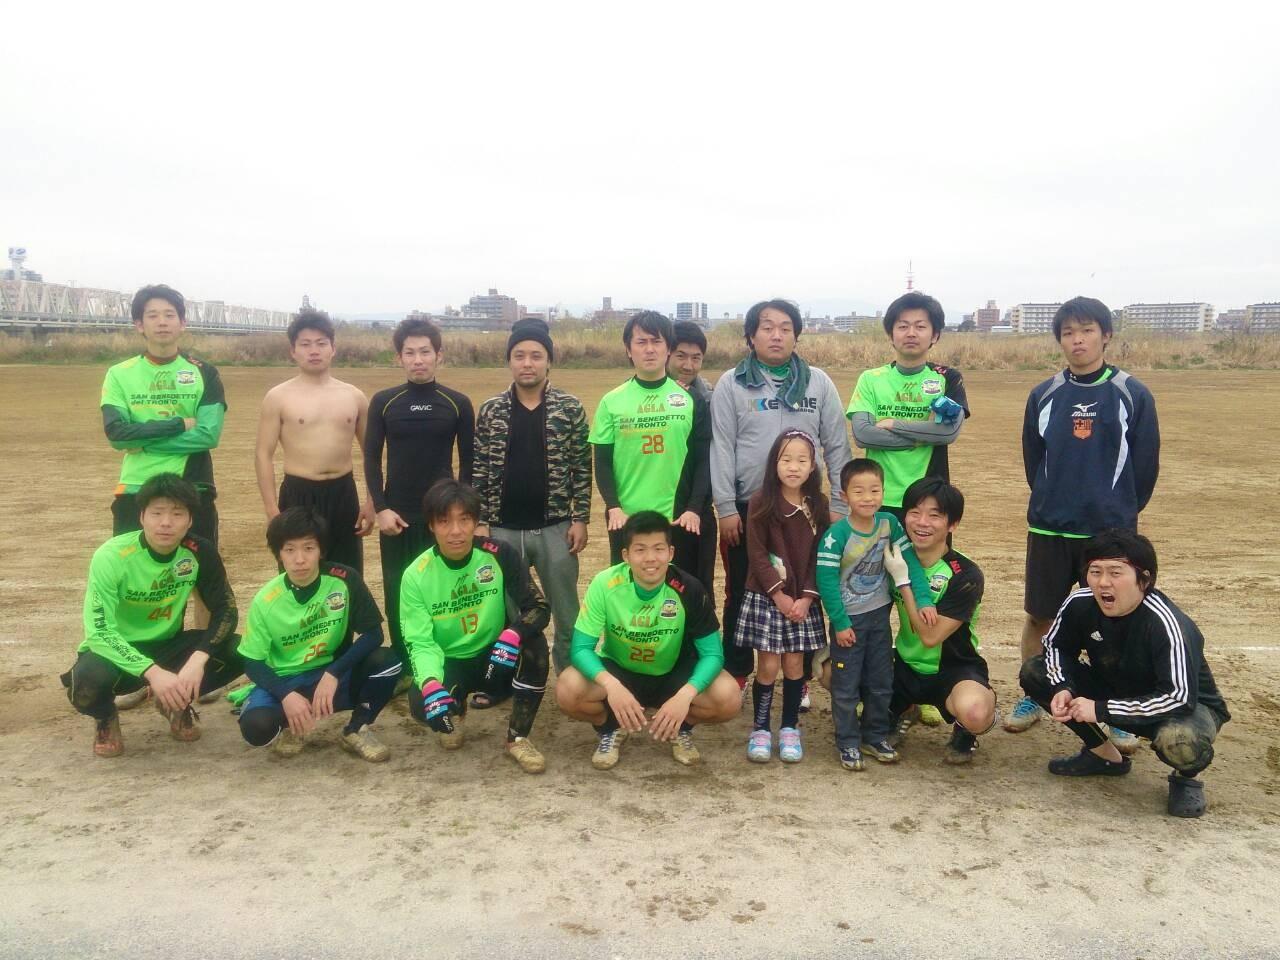 2015/3/15 淀川・赤川グランド vs マラコブラ・ナランハーヴェ